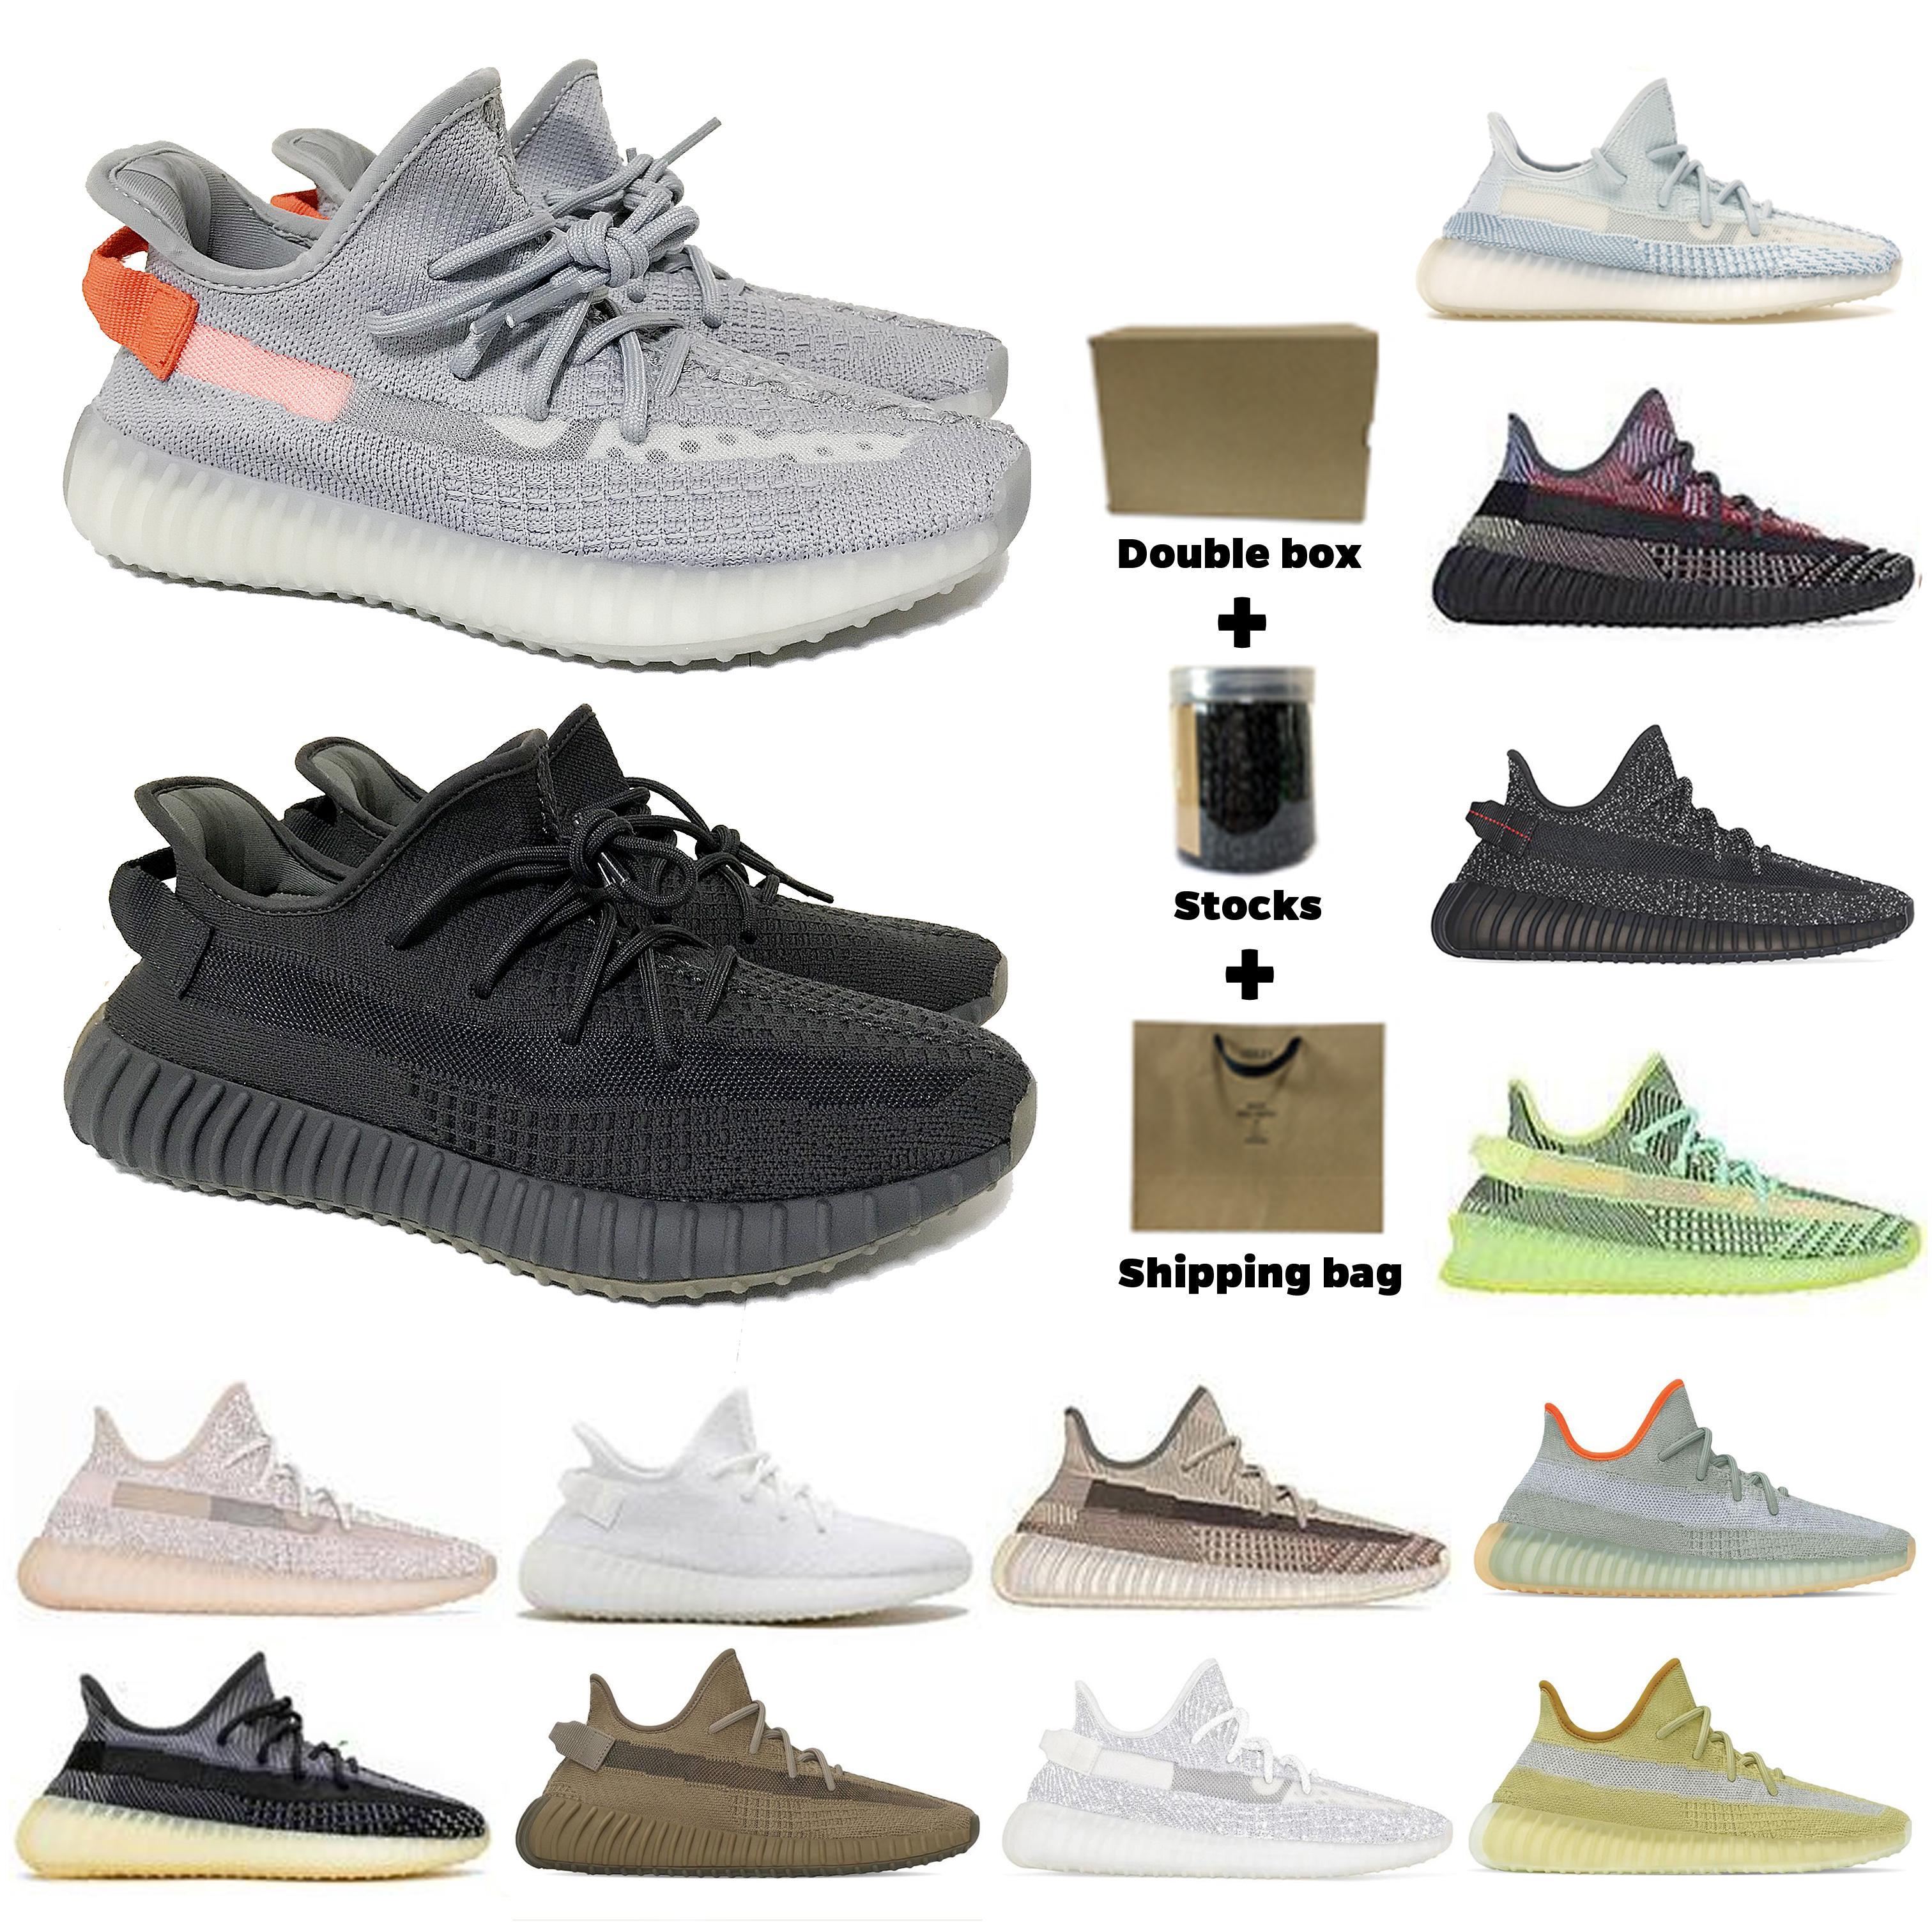 2020 TOP Quality Double Box Kanye West V2 Мужчины Женщины кроссовки Zebra Шлак Tail Световозвращающими Азриэл белье кроссовки 36-48 с половиной